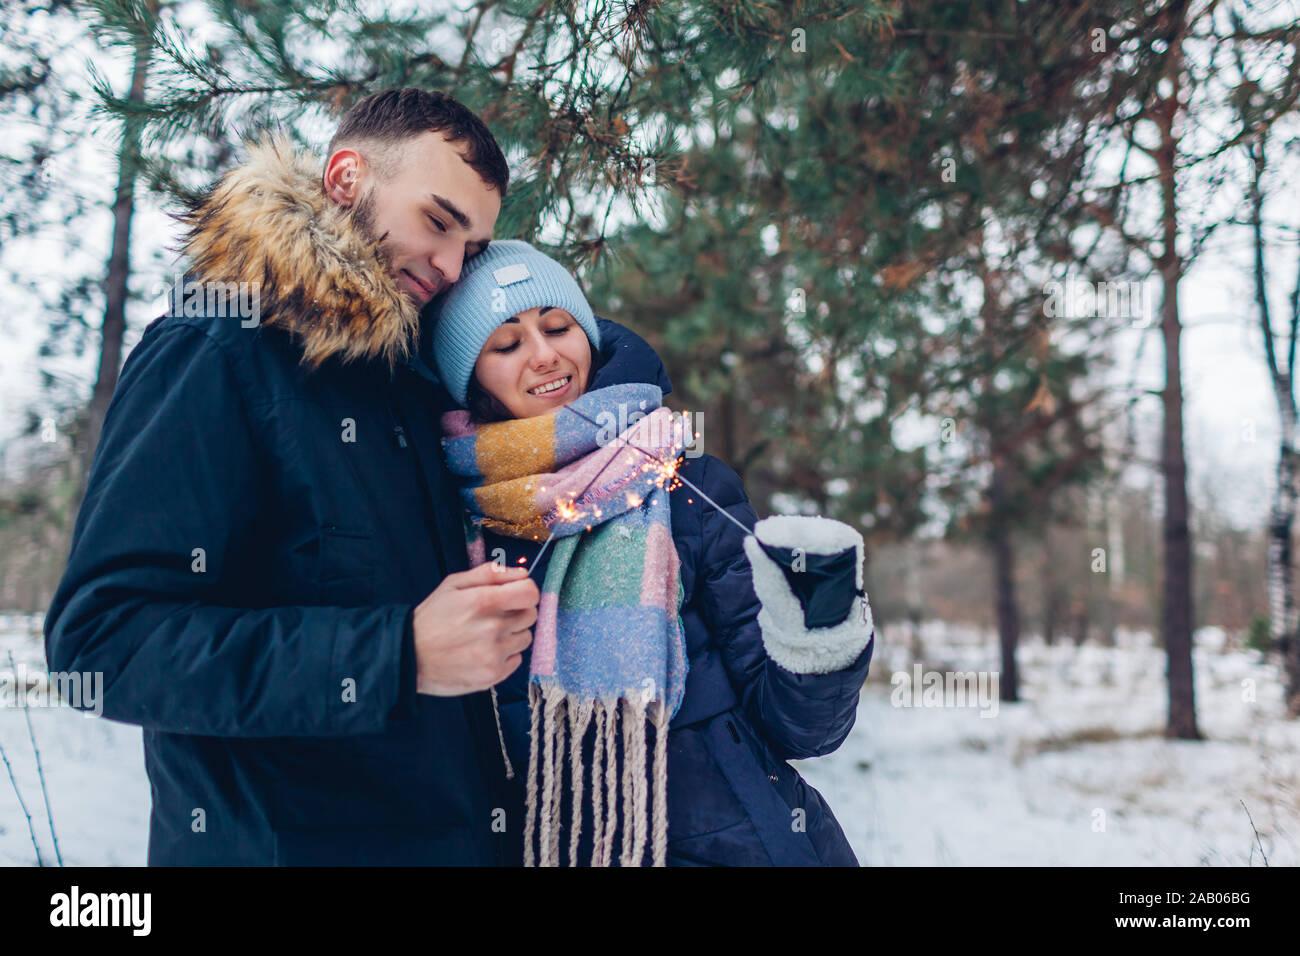 Couple aimant cierges brûlant dans la forêt d'hiver. Noël et Nouvel an concept. Les gens célébrant les jours fériés Banque D'Images